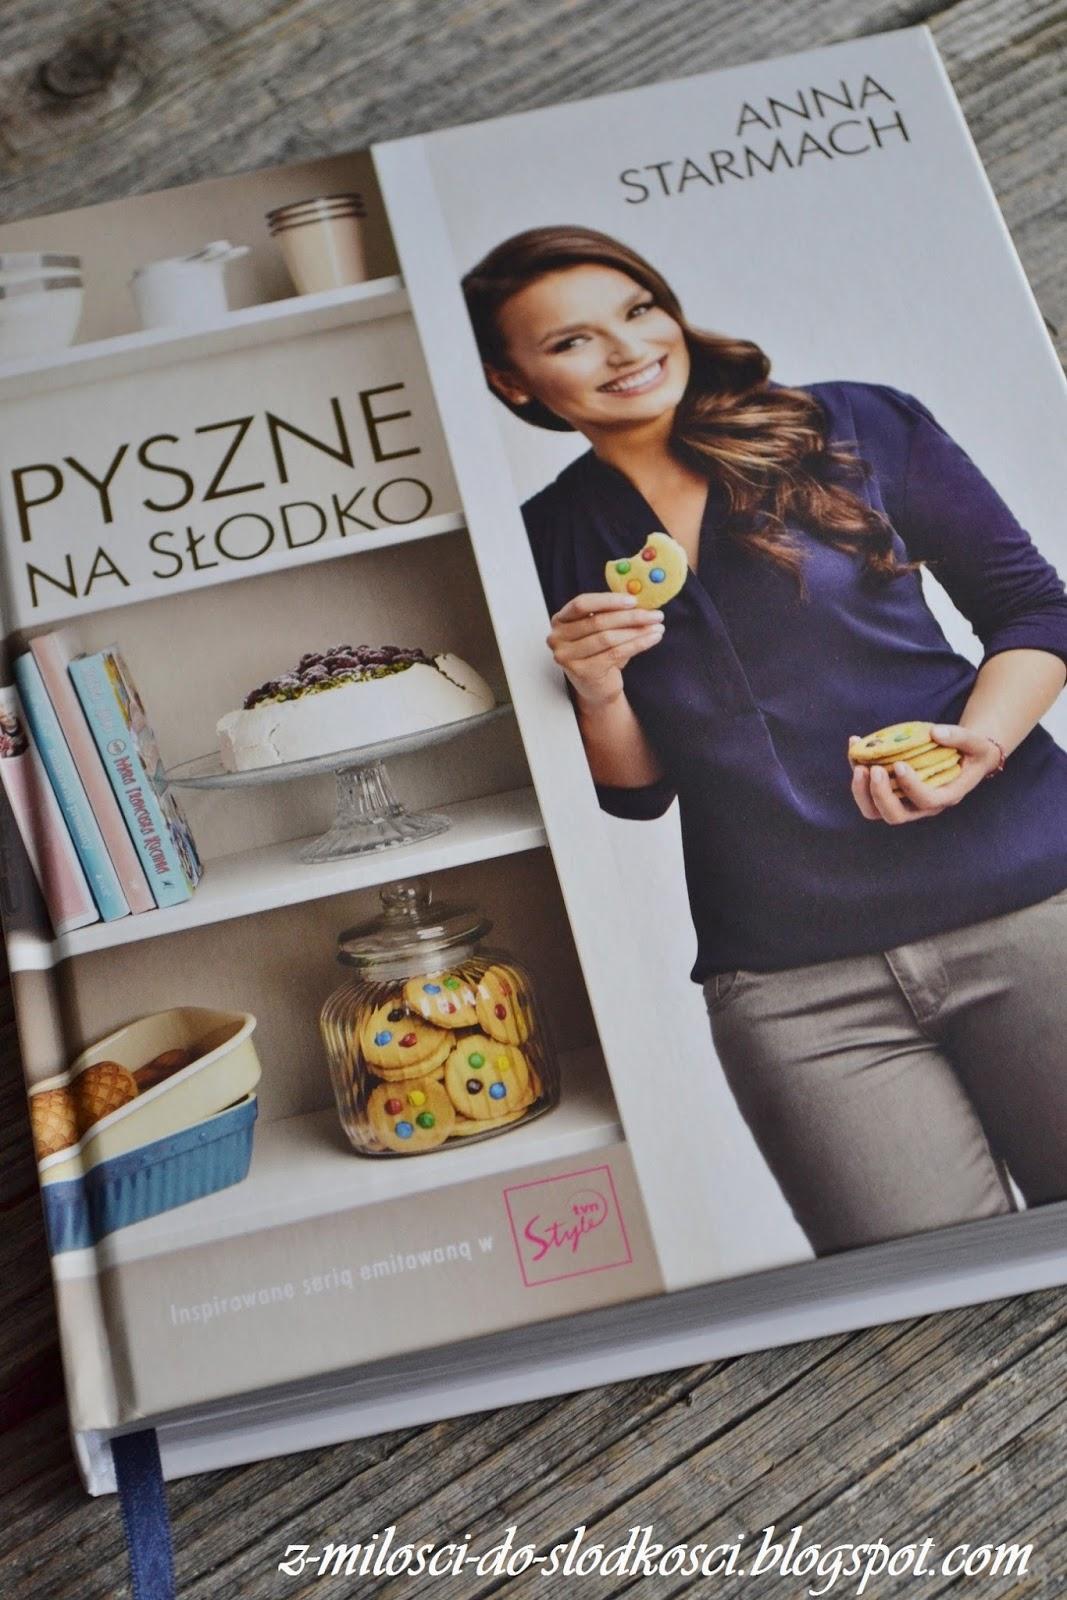 Recenzja Książki Pyszne Na Słodko Ani Starmach Kulinaria